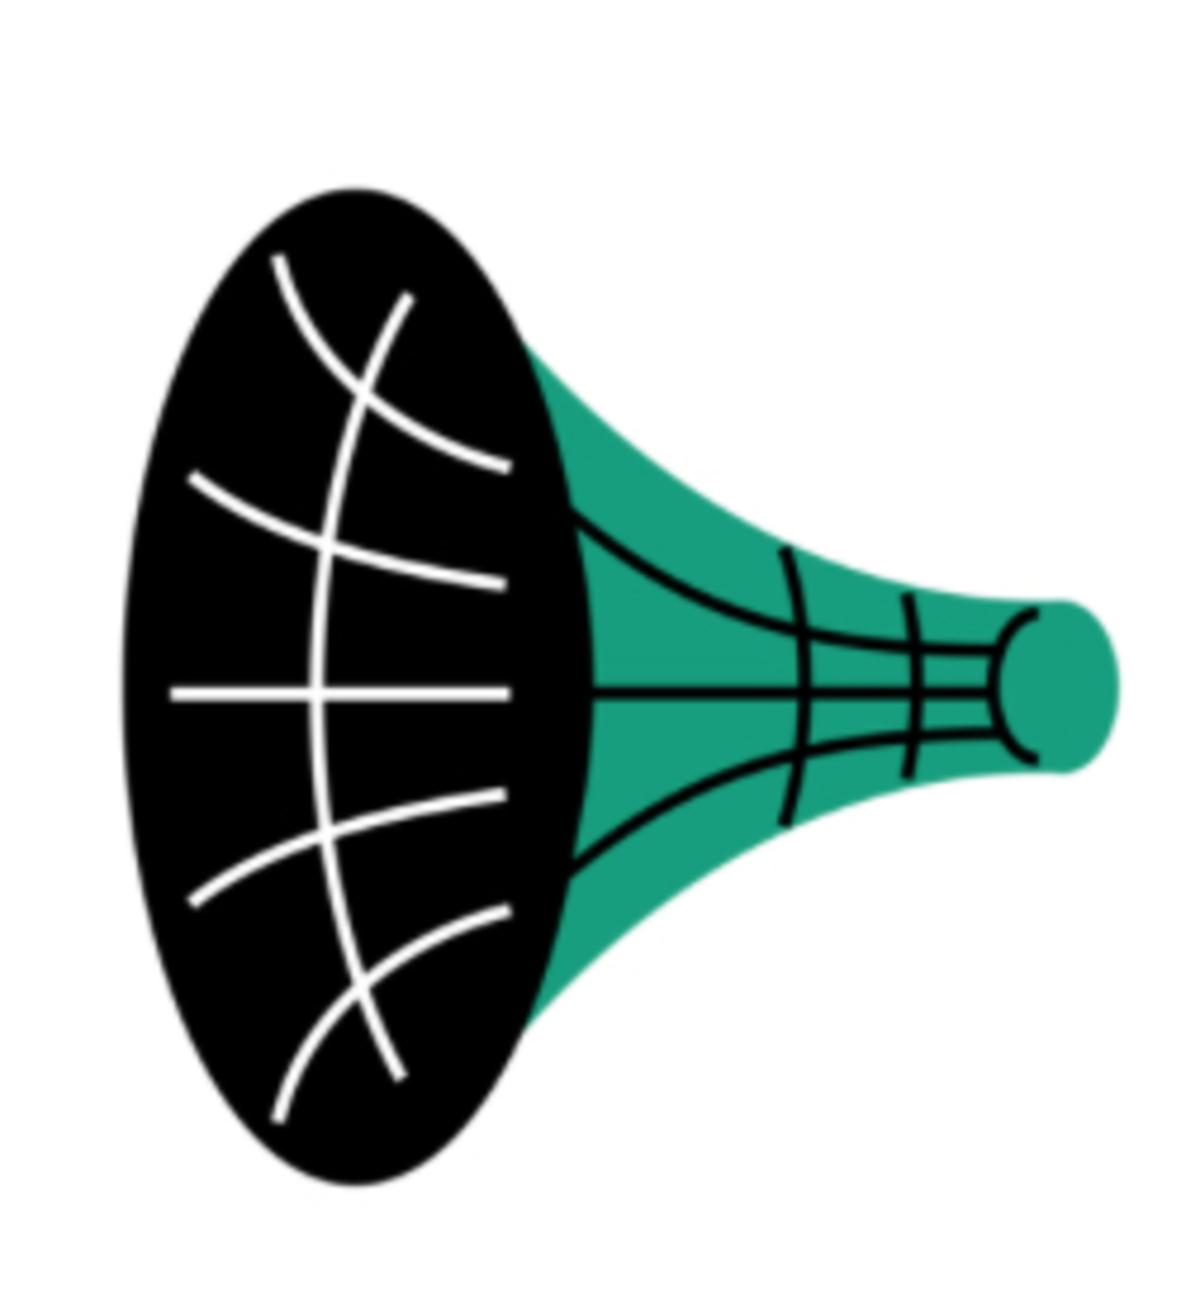 Gabriel's horn(trumpet): TOOT!